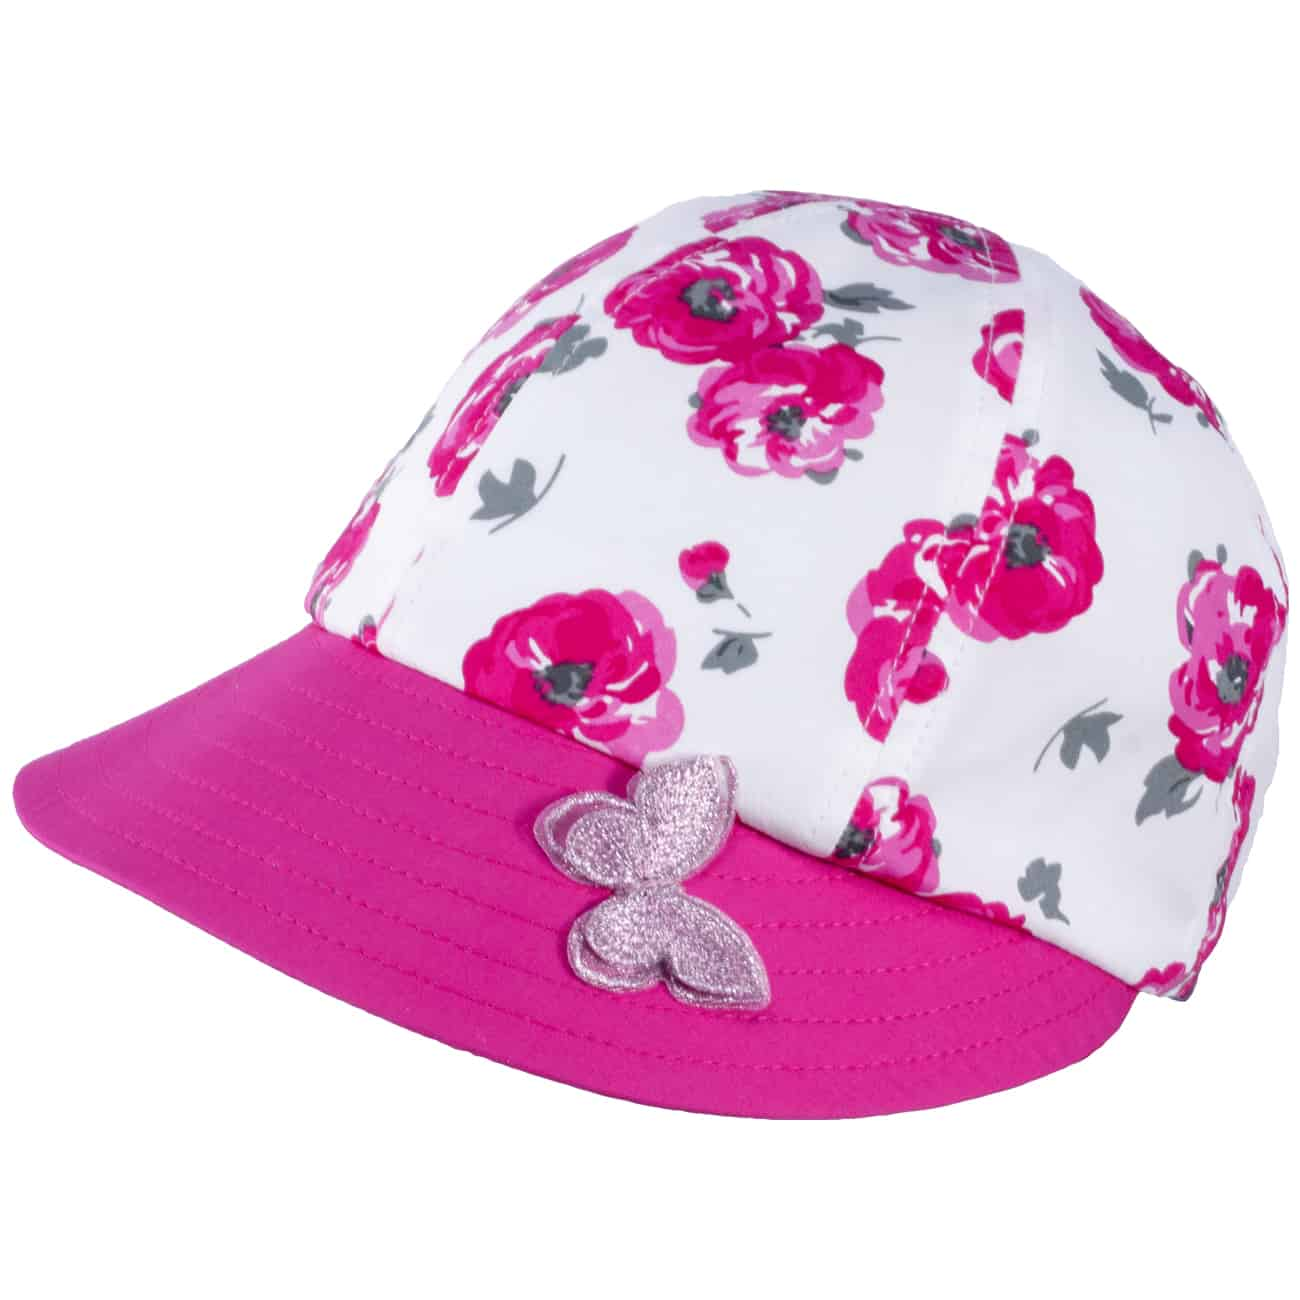 TUTU Kindermütze - Sommermütze - Kappe mit Blumenmuster und Schmetterling Applikation